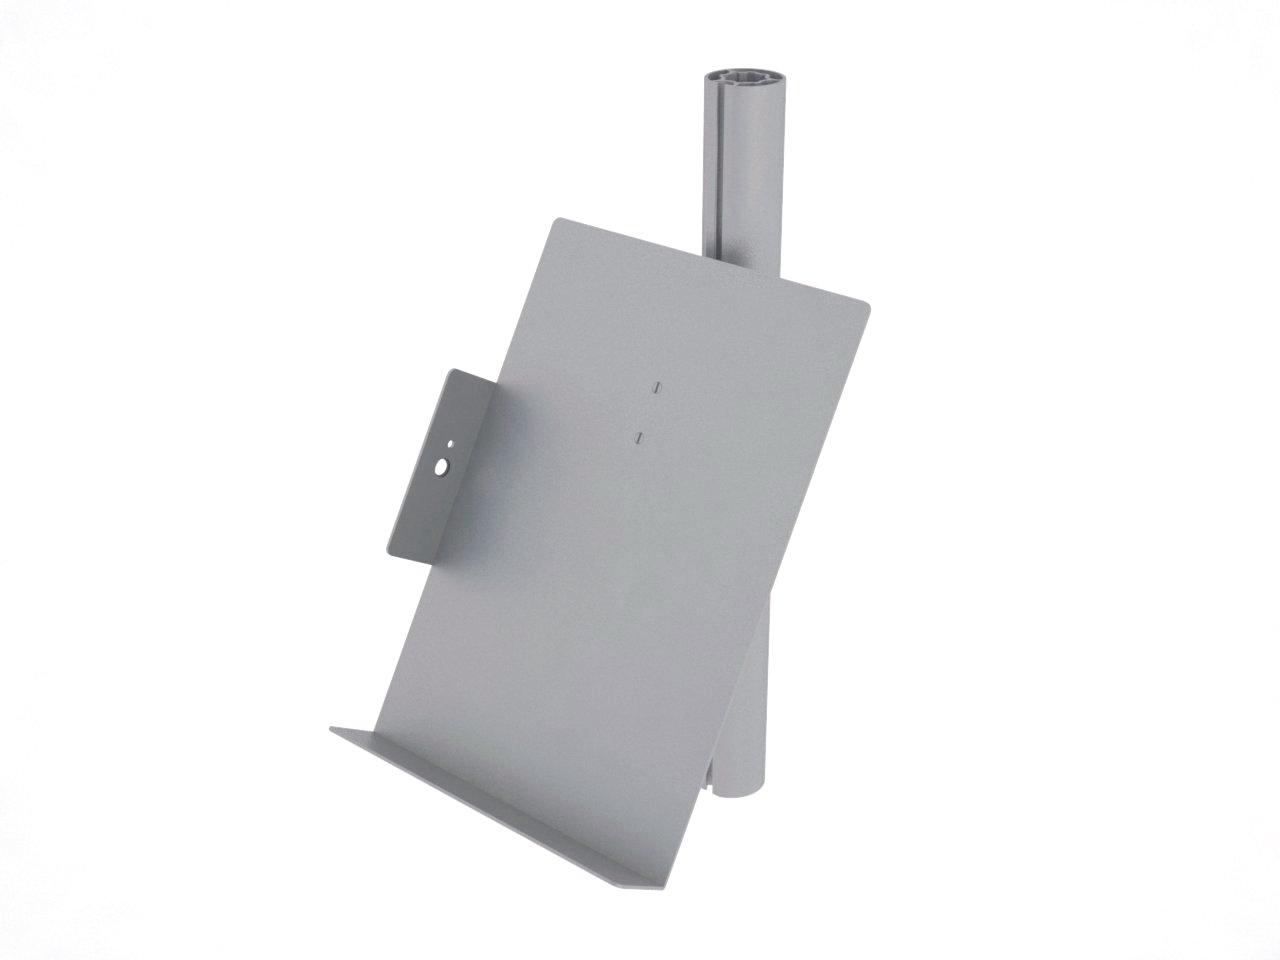 Bandeja para porta folder de alumínio